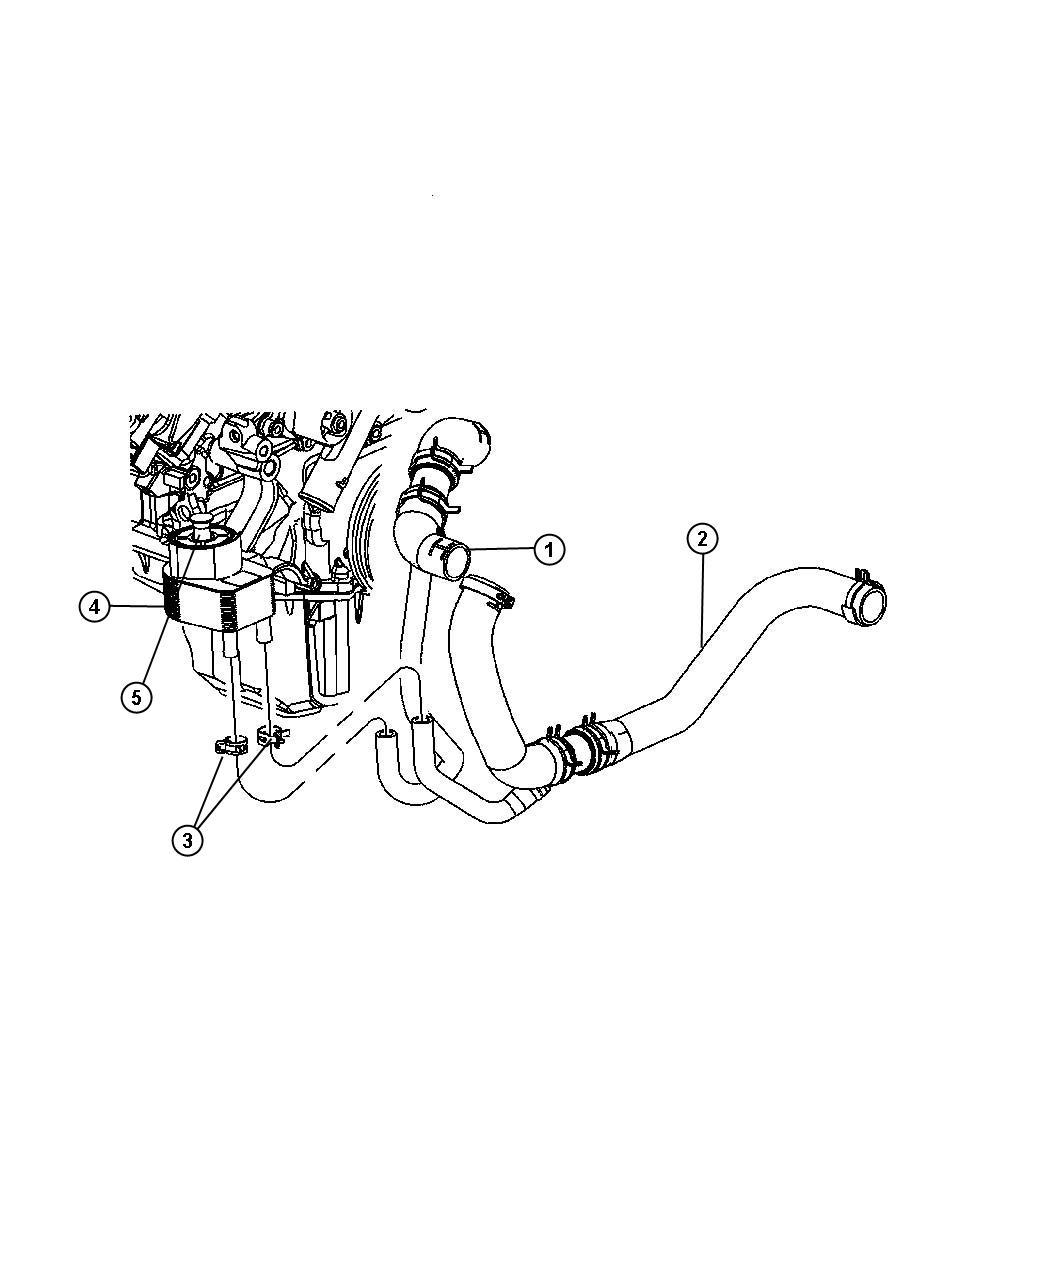 2008 Chrysler 300 Cooler. Engine oil. Ezb, tubes